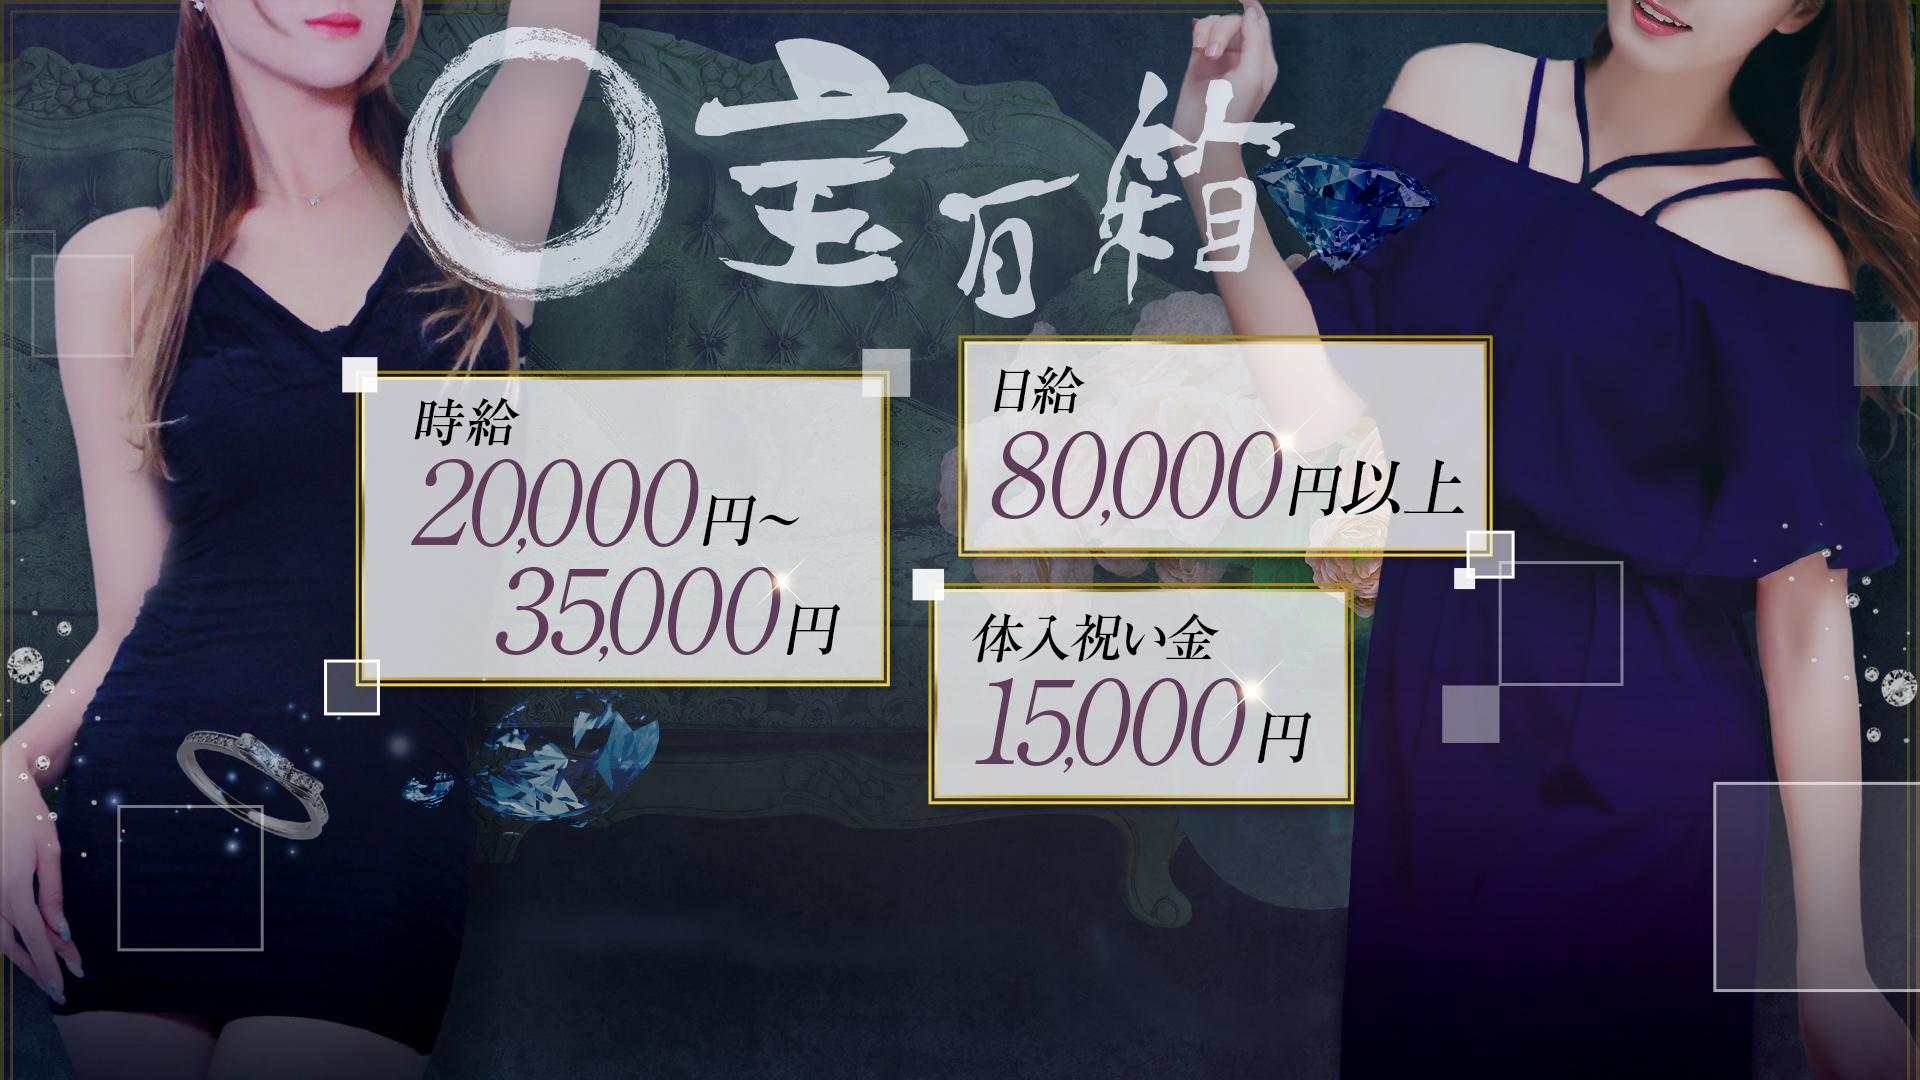 宝石箱 新宿店の求人画像